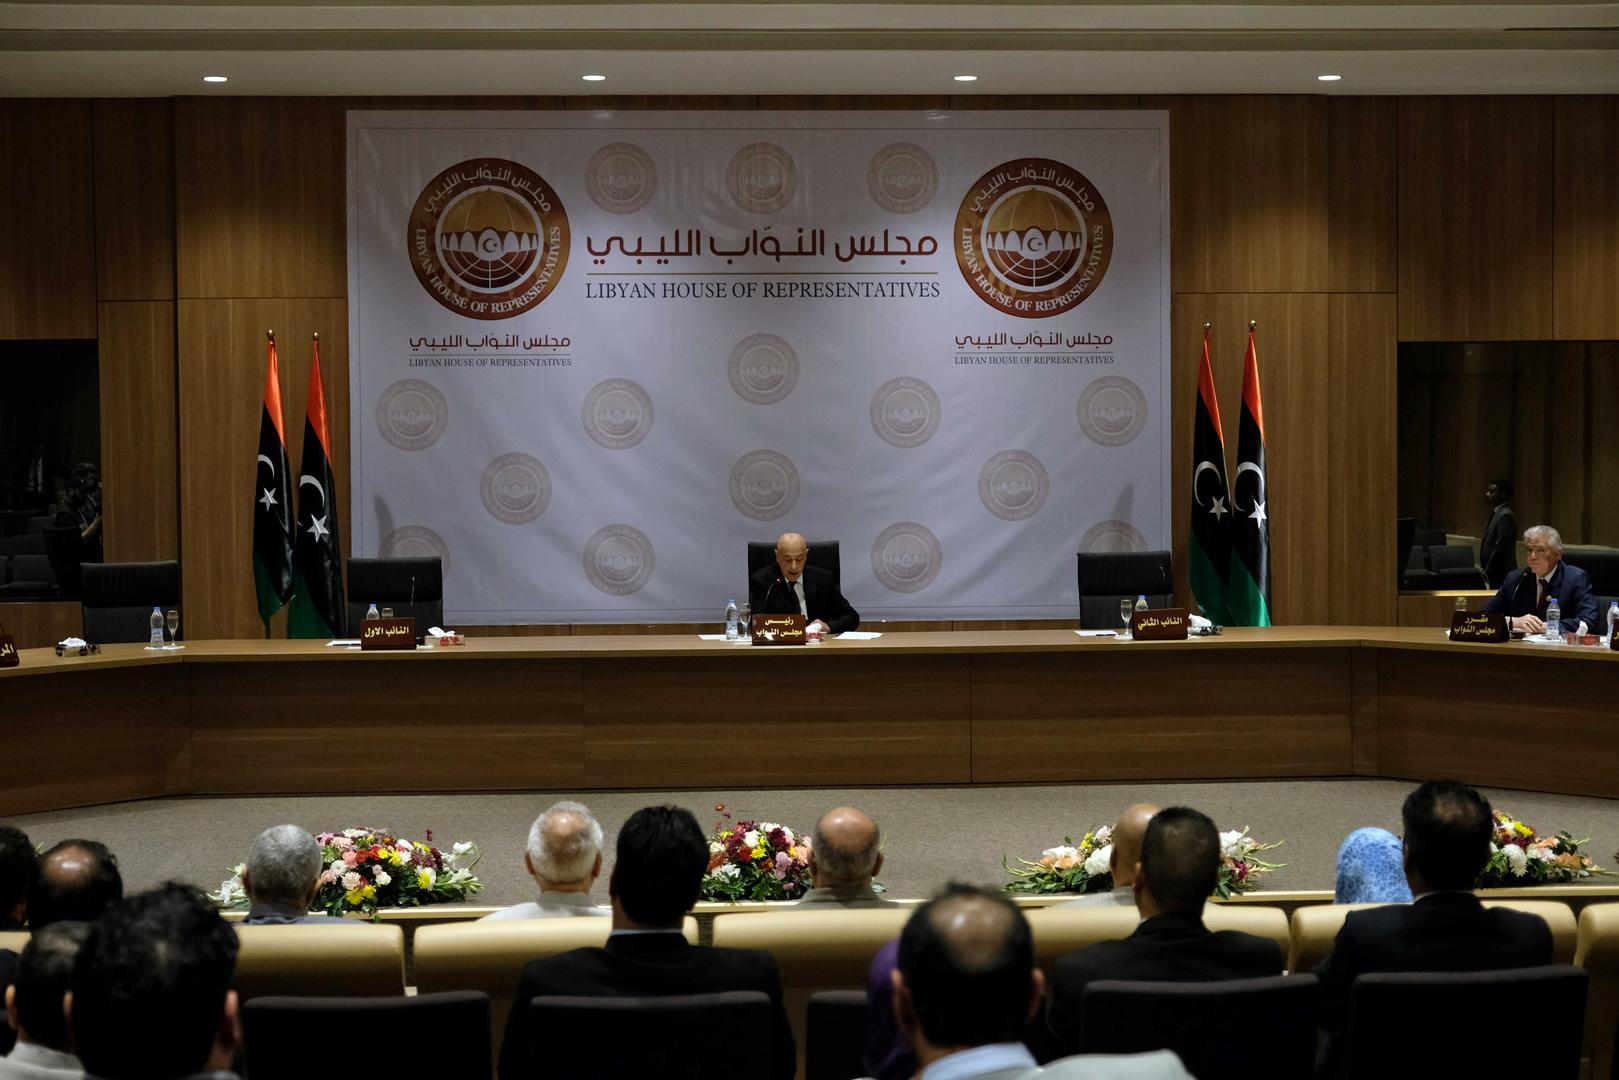 مجلس النواب الليبي ردا على تصريحات أردوغان: الأراضي الليبية خط أحمر